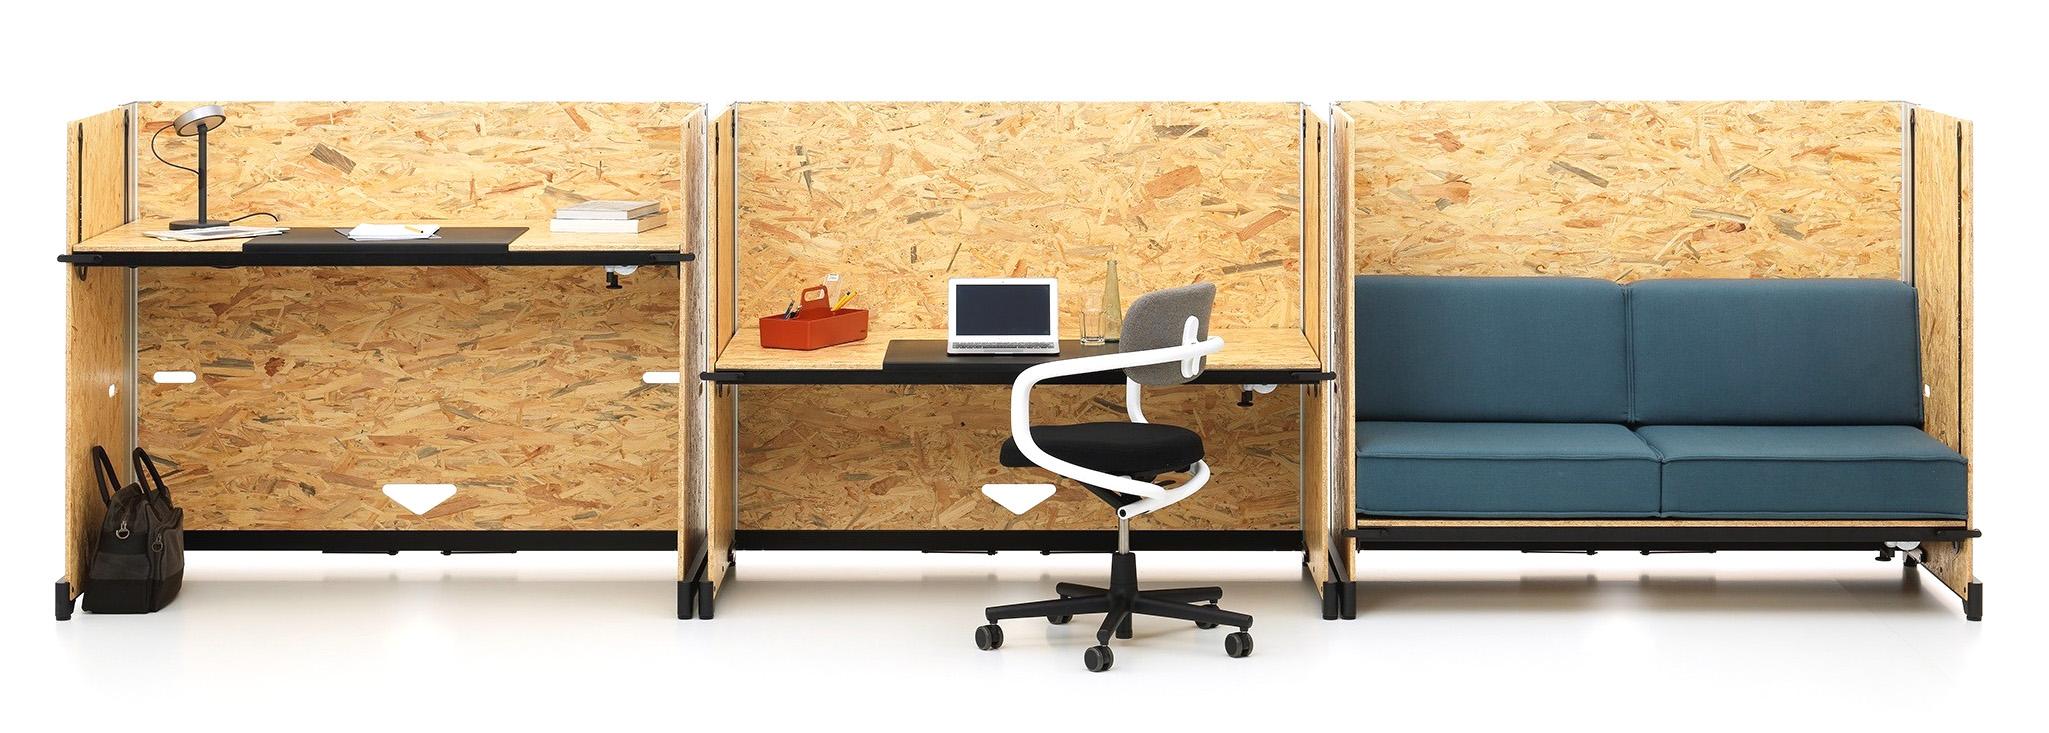 Büroeinrichtung höhenverstellbare Schreibtische